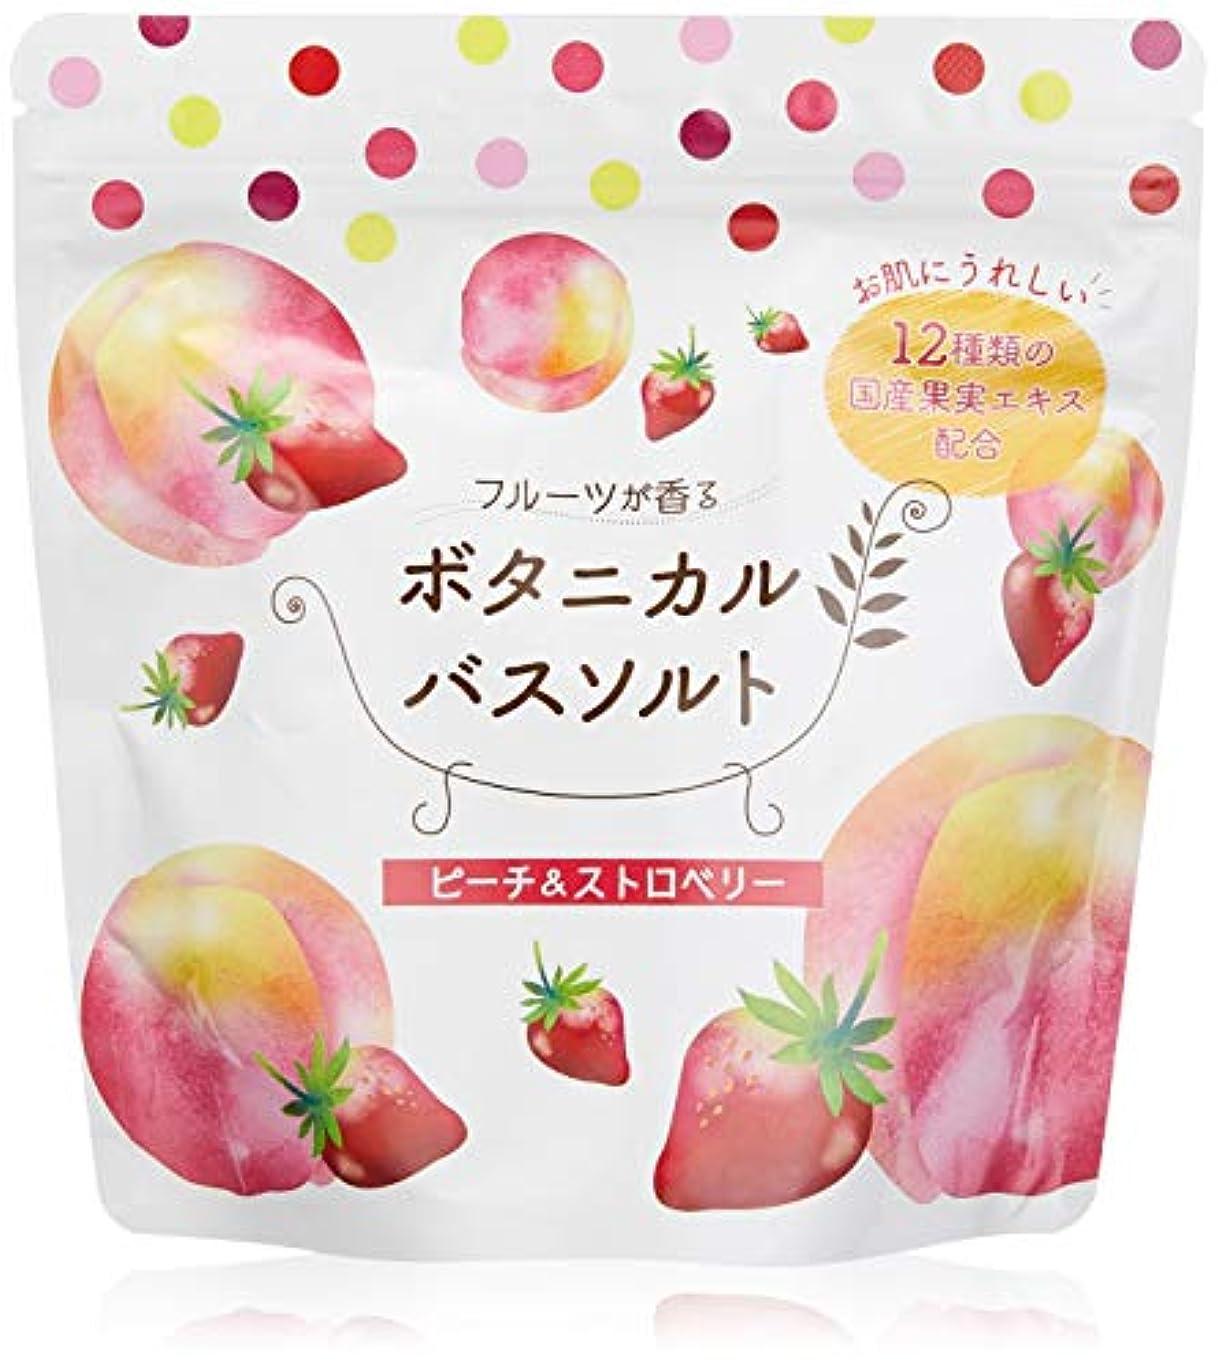 ハーネス固有のハッピー松田医薬品 フルーツが香るボタニカルバスソルト 入浴剤 ピーチ ストロベリー 450g